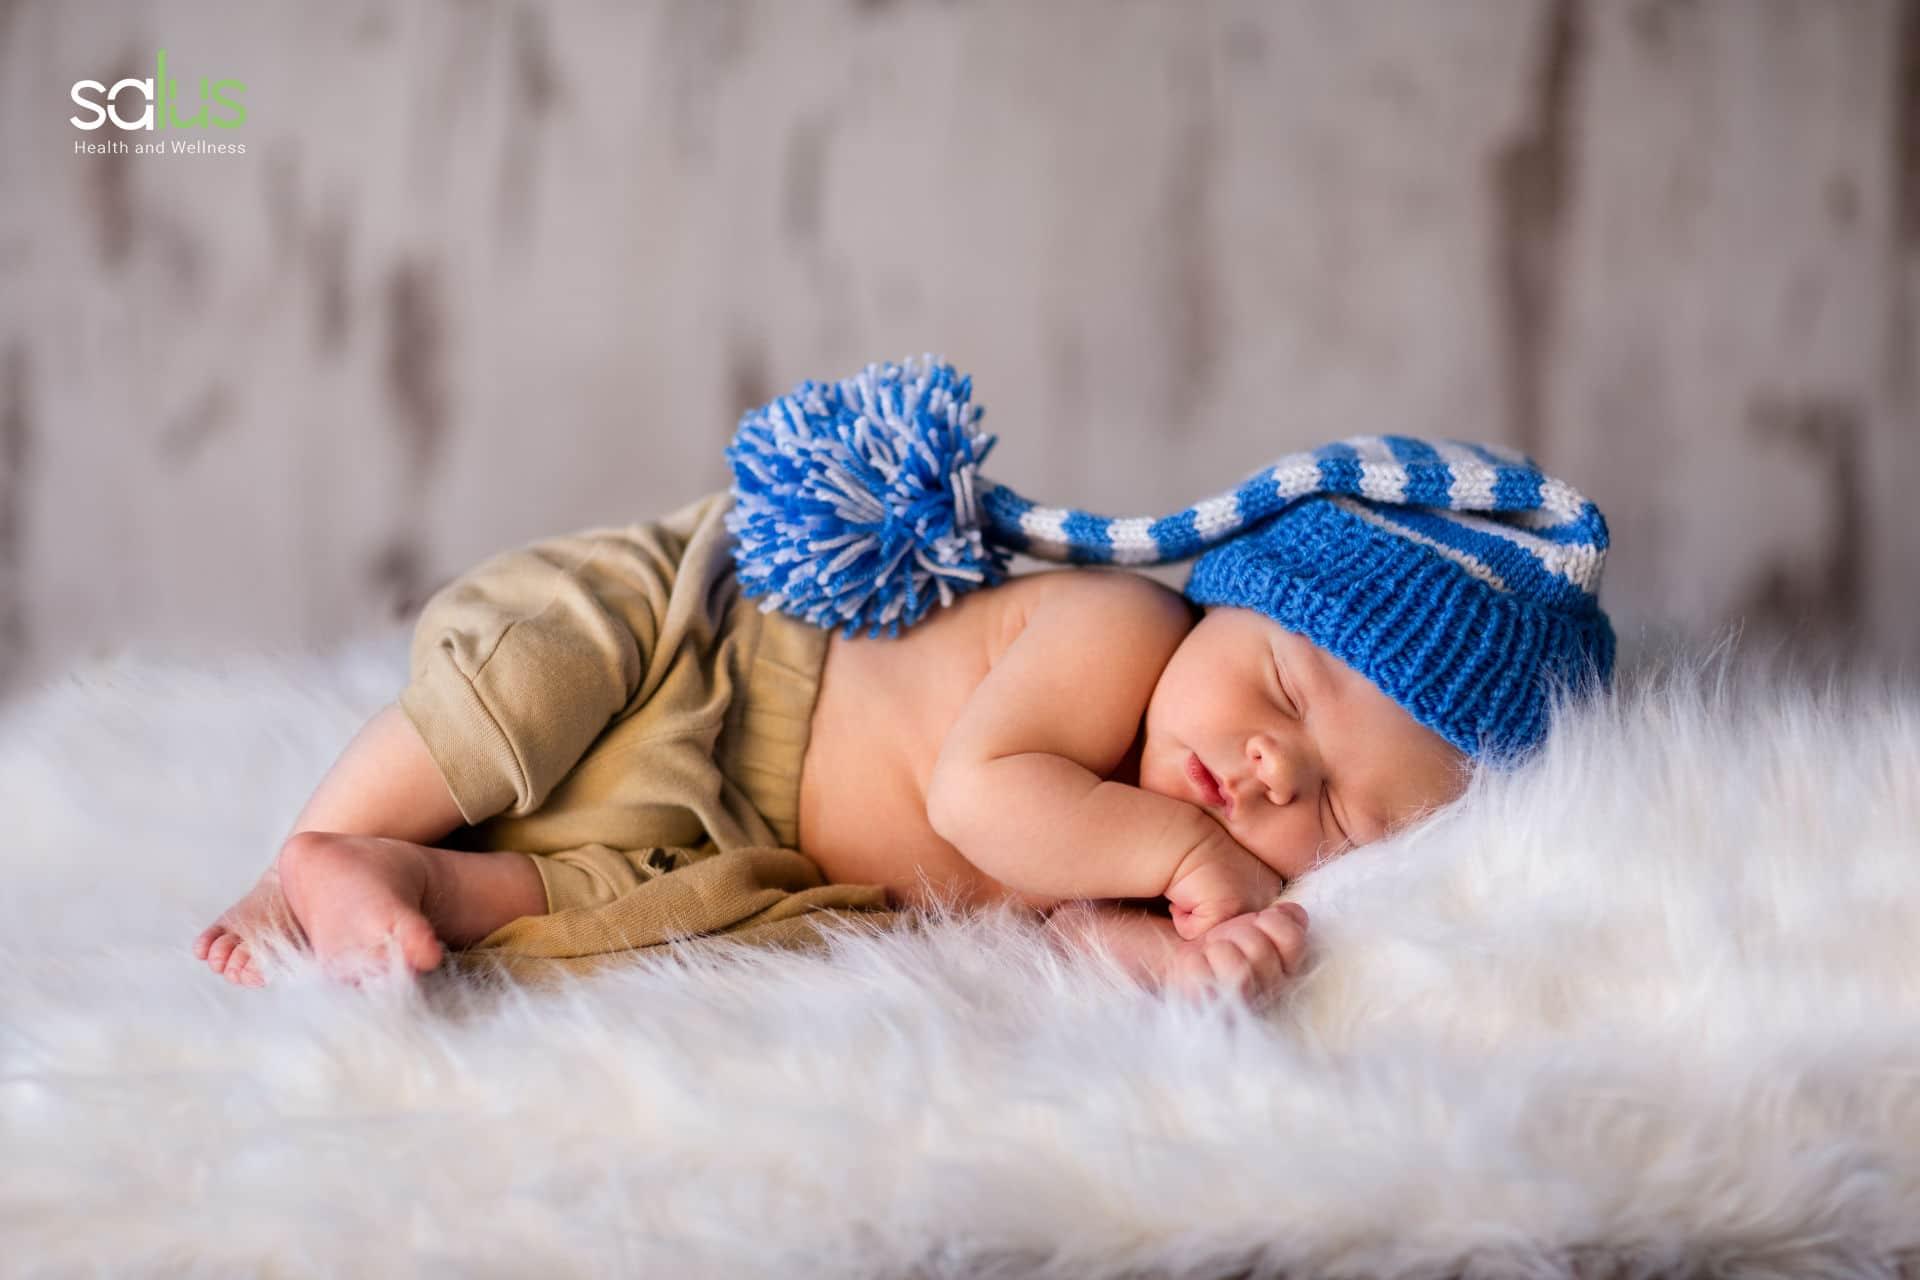 salus-blog-quando-il-bambino-non-dorme-come-tranquillizzarlo